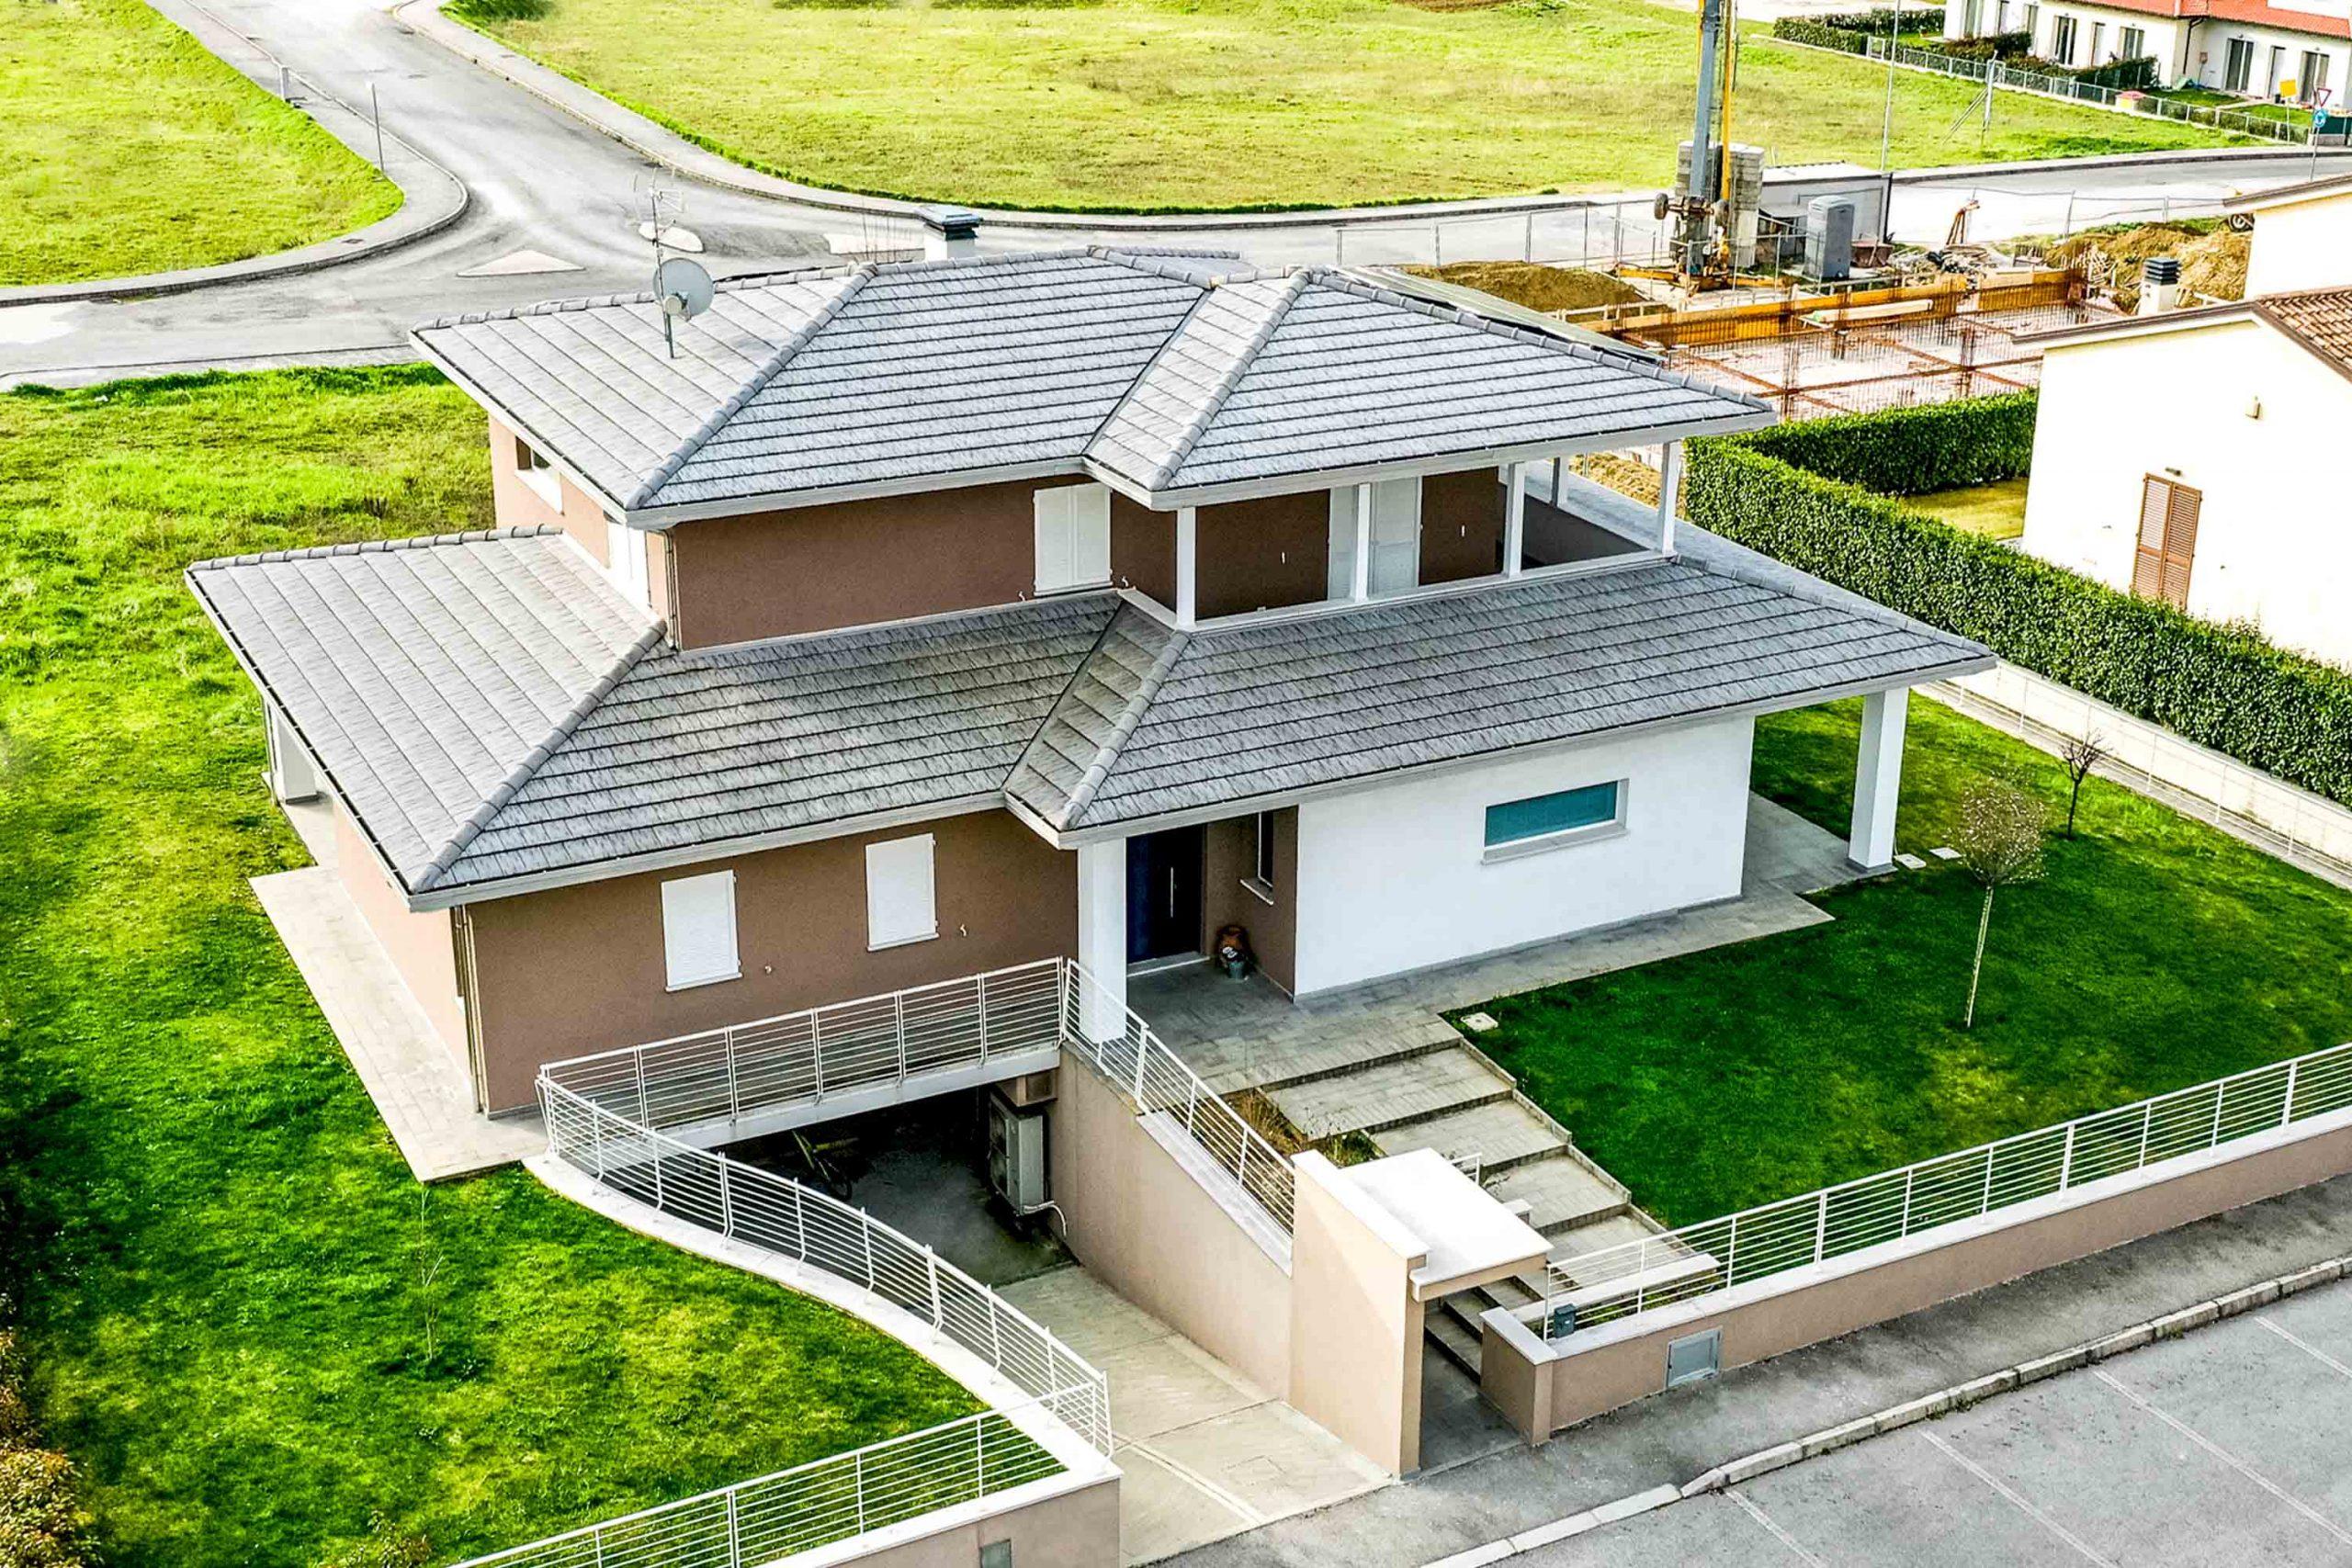 Wooden Houses_Villa Unifamiliare a due piani_Struttura in legno classica con finiture e colori contemporanei